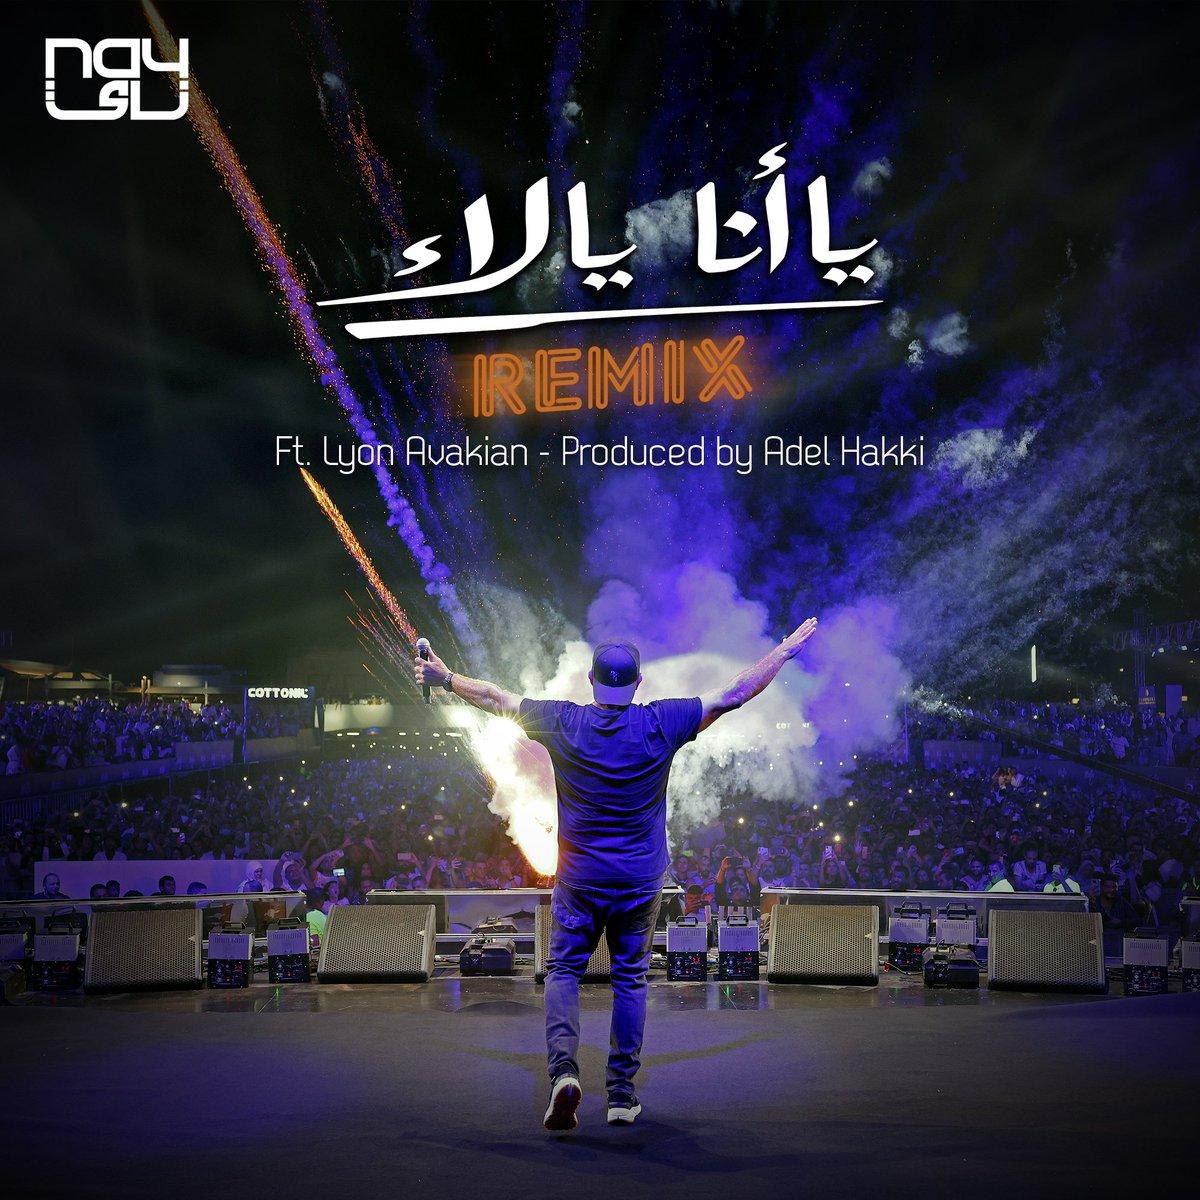 """ريمكس اغنية #عمرو_دياب  """"#يا_أنا_يا_لاء"""" متاح الآن في جميع دول العالم، احصل على نسختك: https://t.co/ySdPhrUU4I انتاج ناي #AmrDiab's new single """"Ya Ana Ya La REMIX"""" available worldwide, get it now: https://t.co/ySdPhrUU4I Produced by @NayForMedia https://t.co/oKxHZYL85d"""